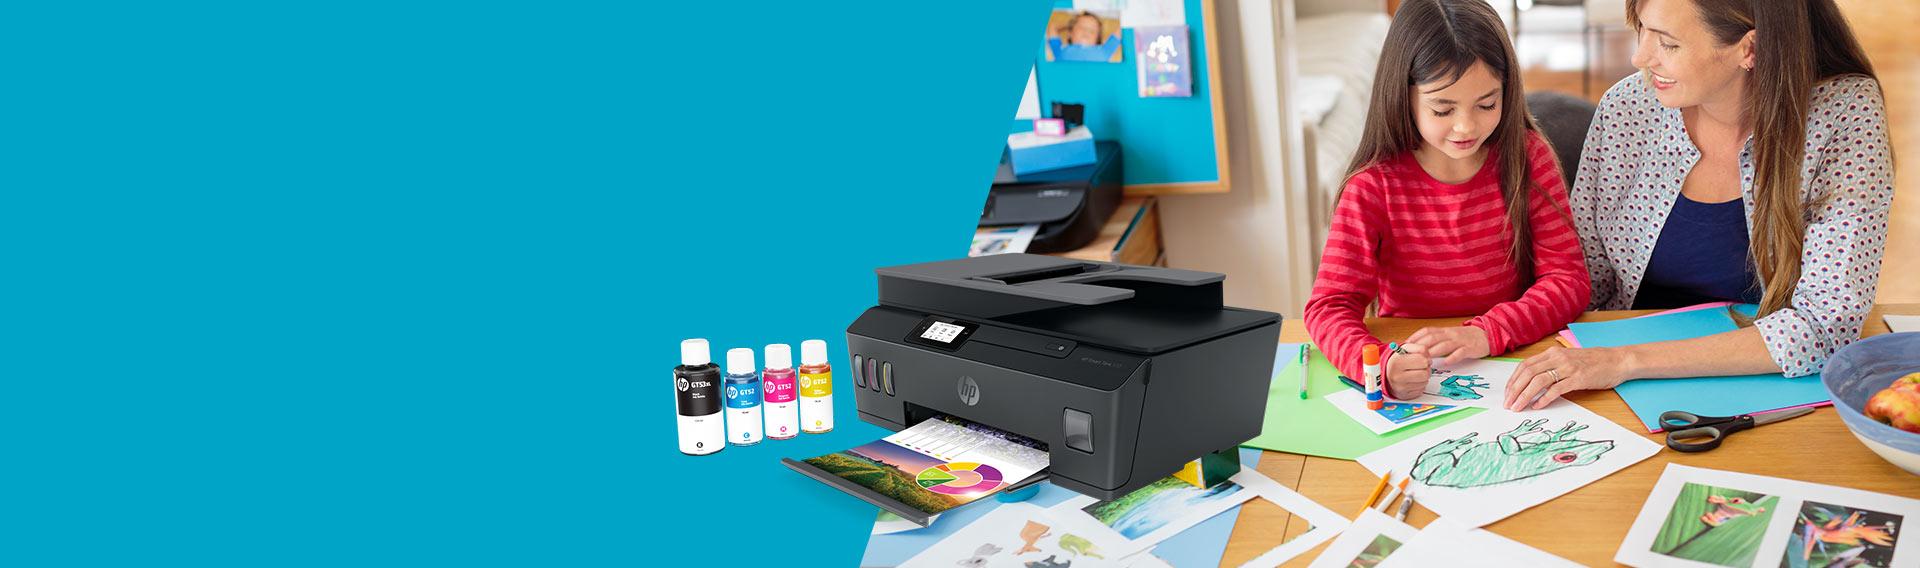 Impresoras HP. Tenemos la impresora perfecta para ti. Textos más nítidos y gráficos con colores vibrantes.